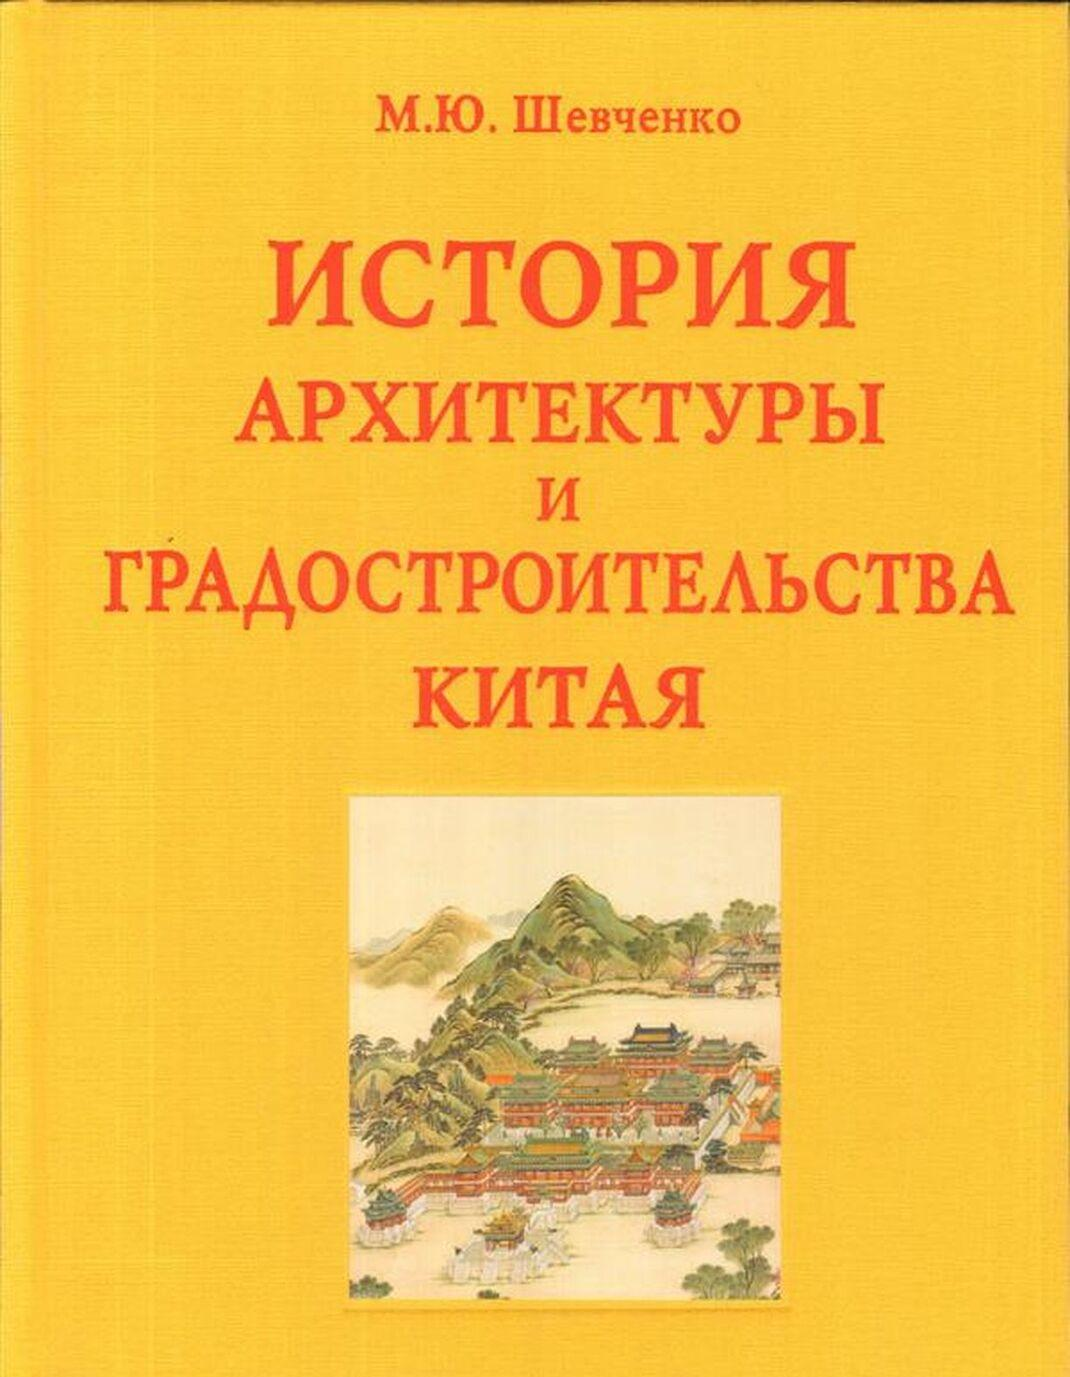 Istorija arkhitektury i gradostroitelstva Kitaja | Shevchenko Marianna Jurevna